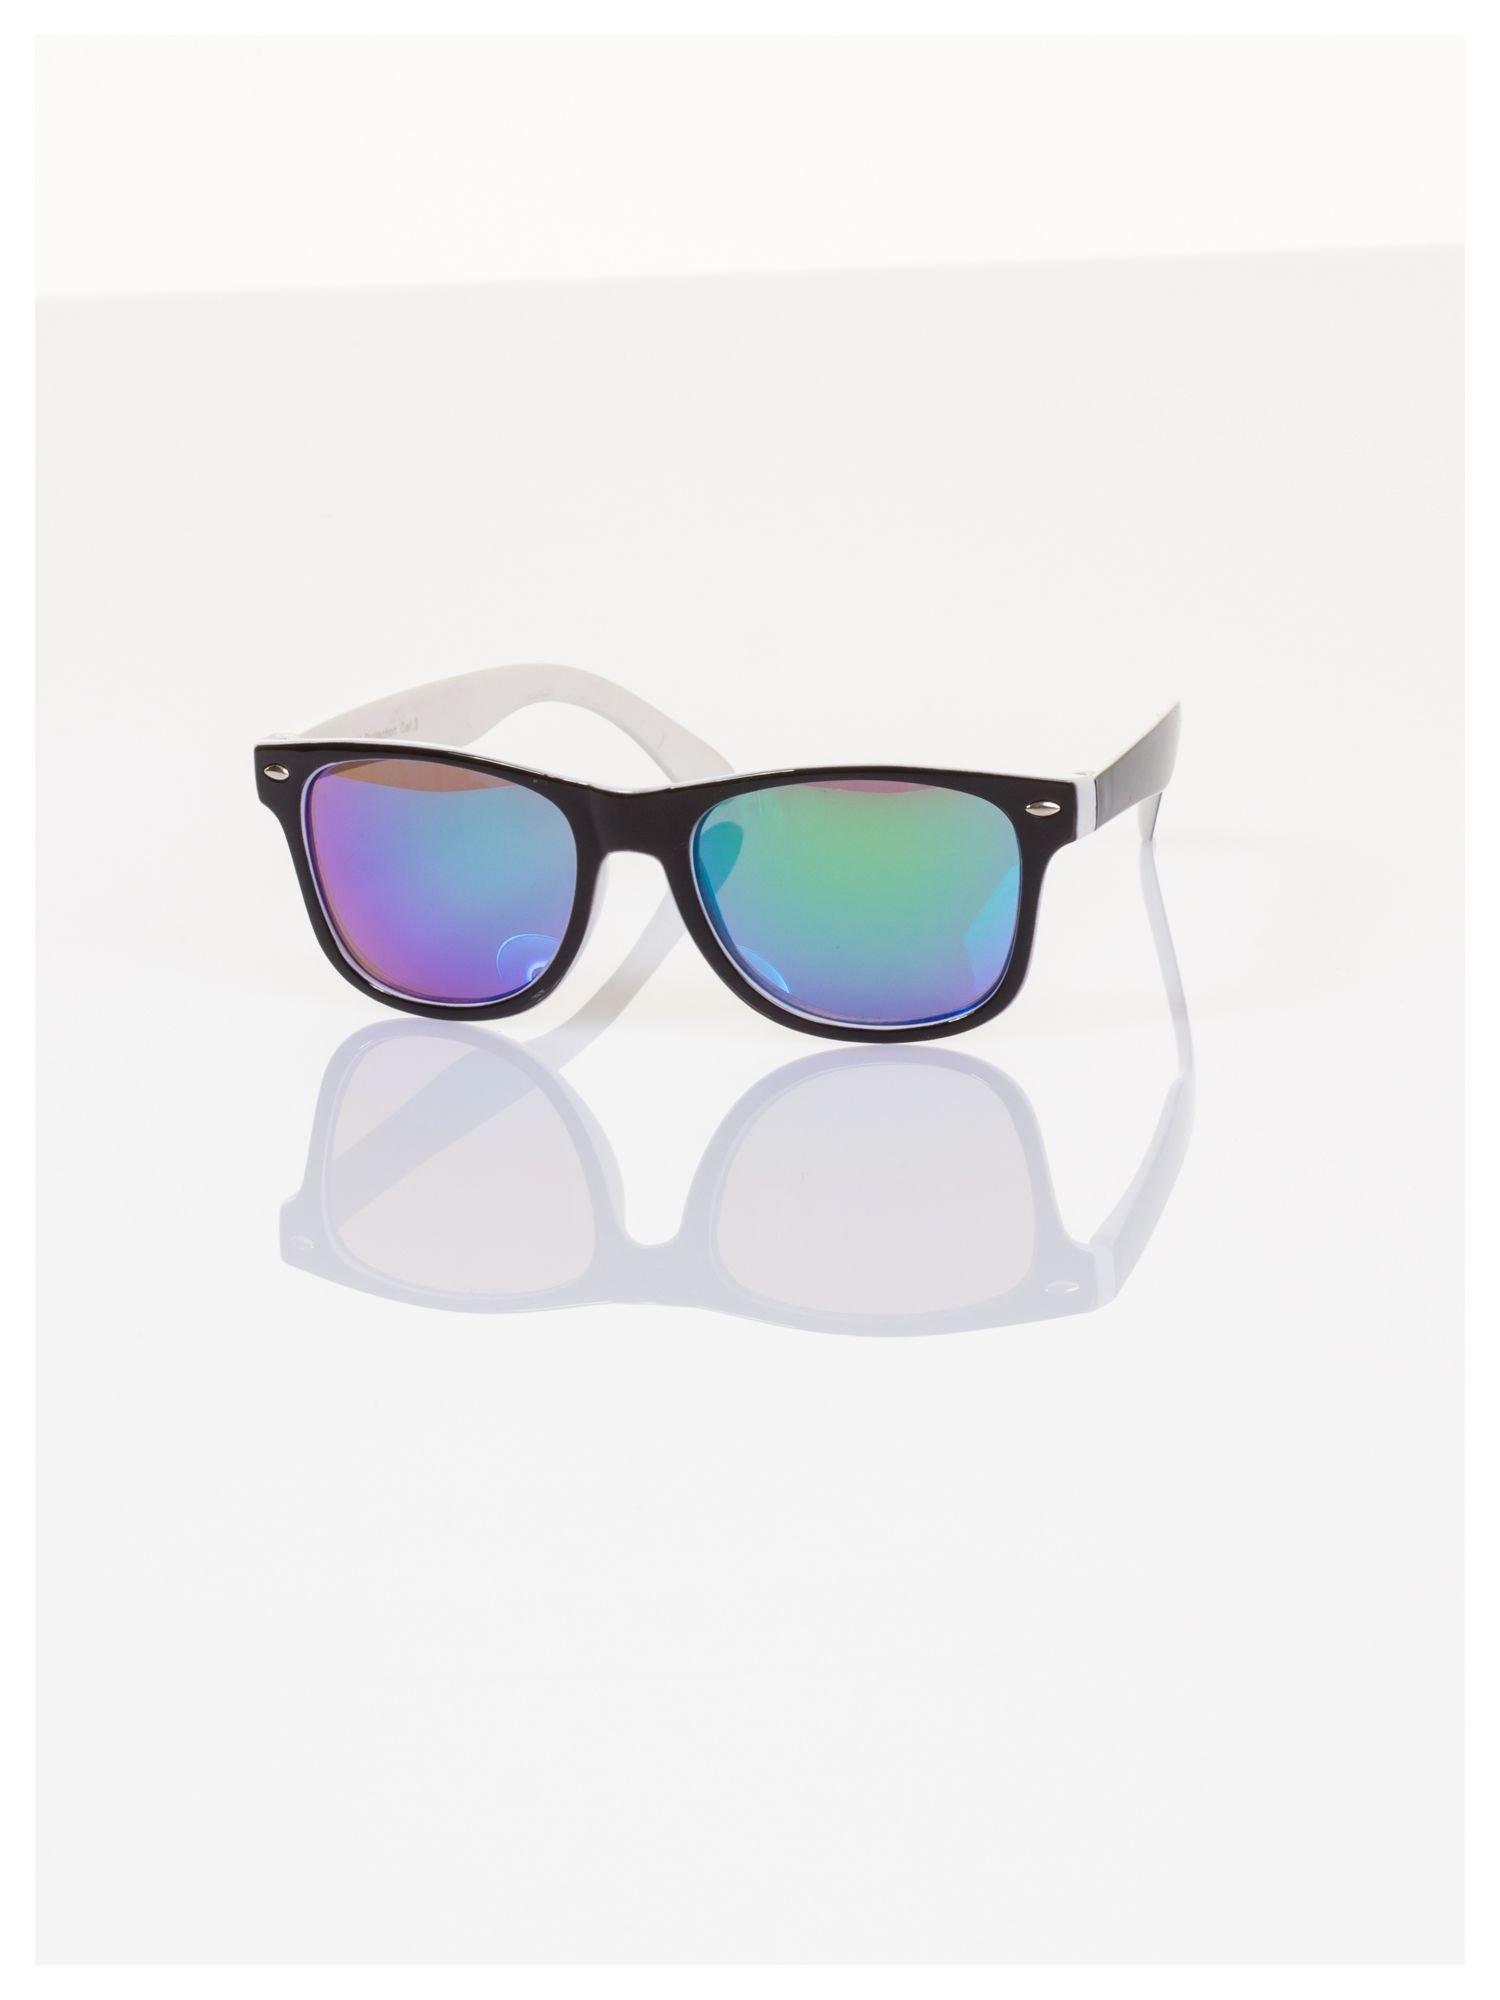 Dziecięce lustrzanki okulary z klasyczną oprawką WEYFARER NERD odporne na wyginania                                  zdj.                                  2